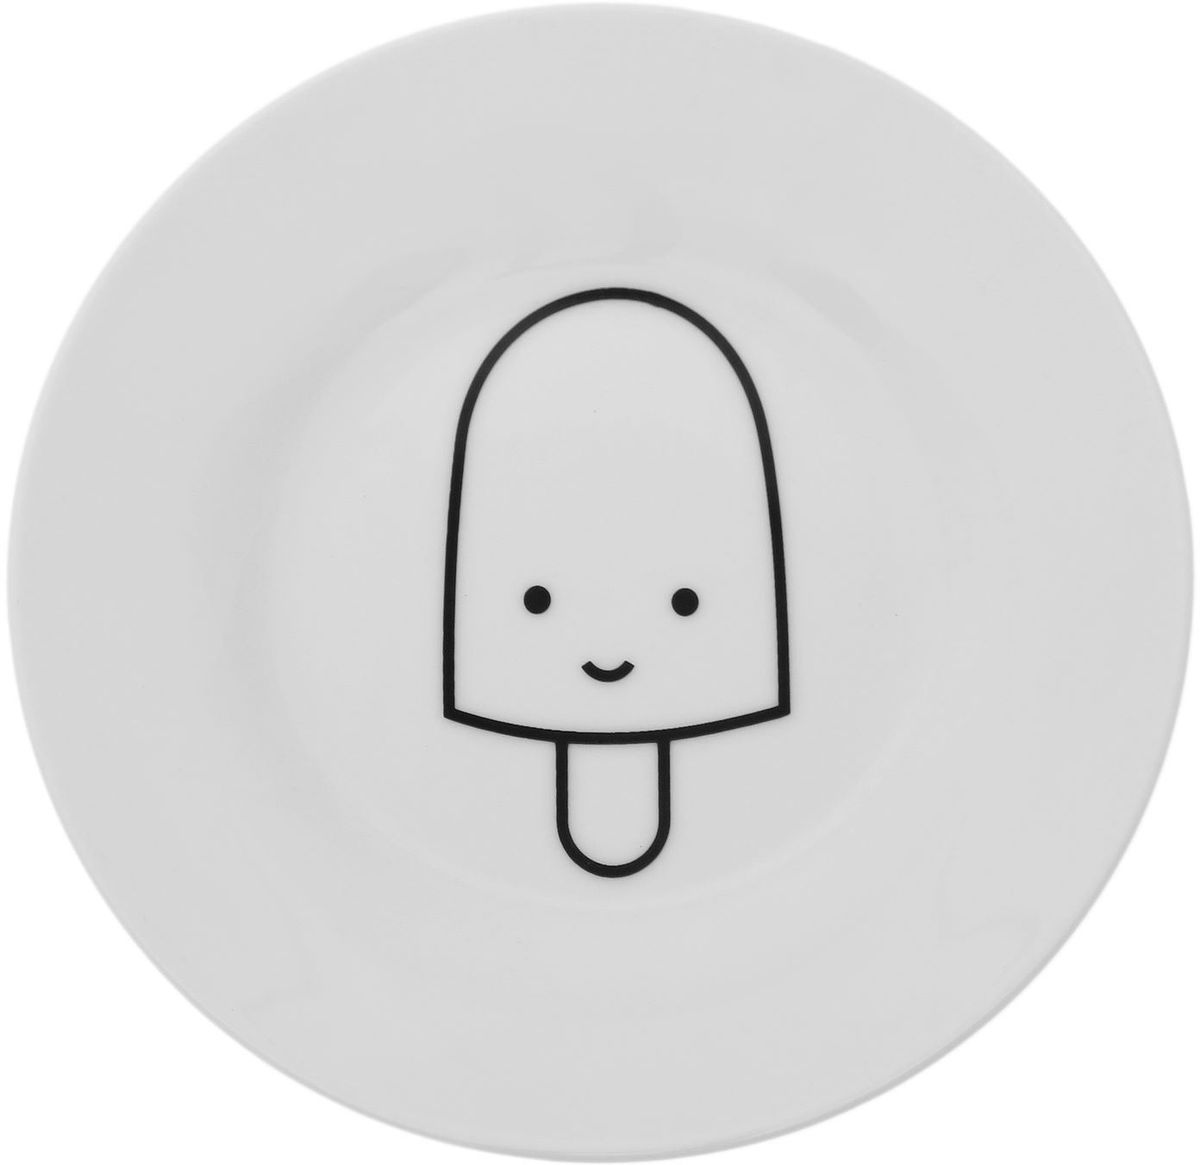 Тарелка мелкая Сотвори чудо My Little Ice Cream, диаметр 15,5 см54 009312Хотите обновить интерьер кухни или гостиной? Устраиваете необычную фотосессию или тематический праздник? А может, просто ищете подарок для близкого человека? Посуда Сотвори Чудо — правильный выбор в любой ситуации. Тарелка Сотвори Чудо, изготовленная из изящного фаянса нежного сливочного цвета, оформлена оригинальным рисунком со стойкой краской. Пригодна для посудомоечной машины.